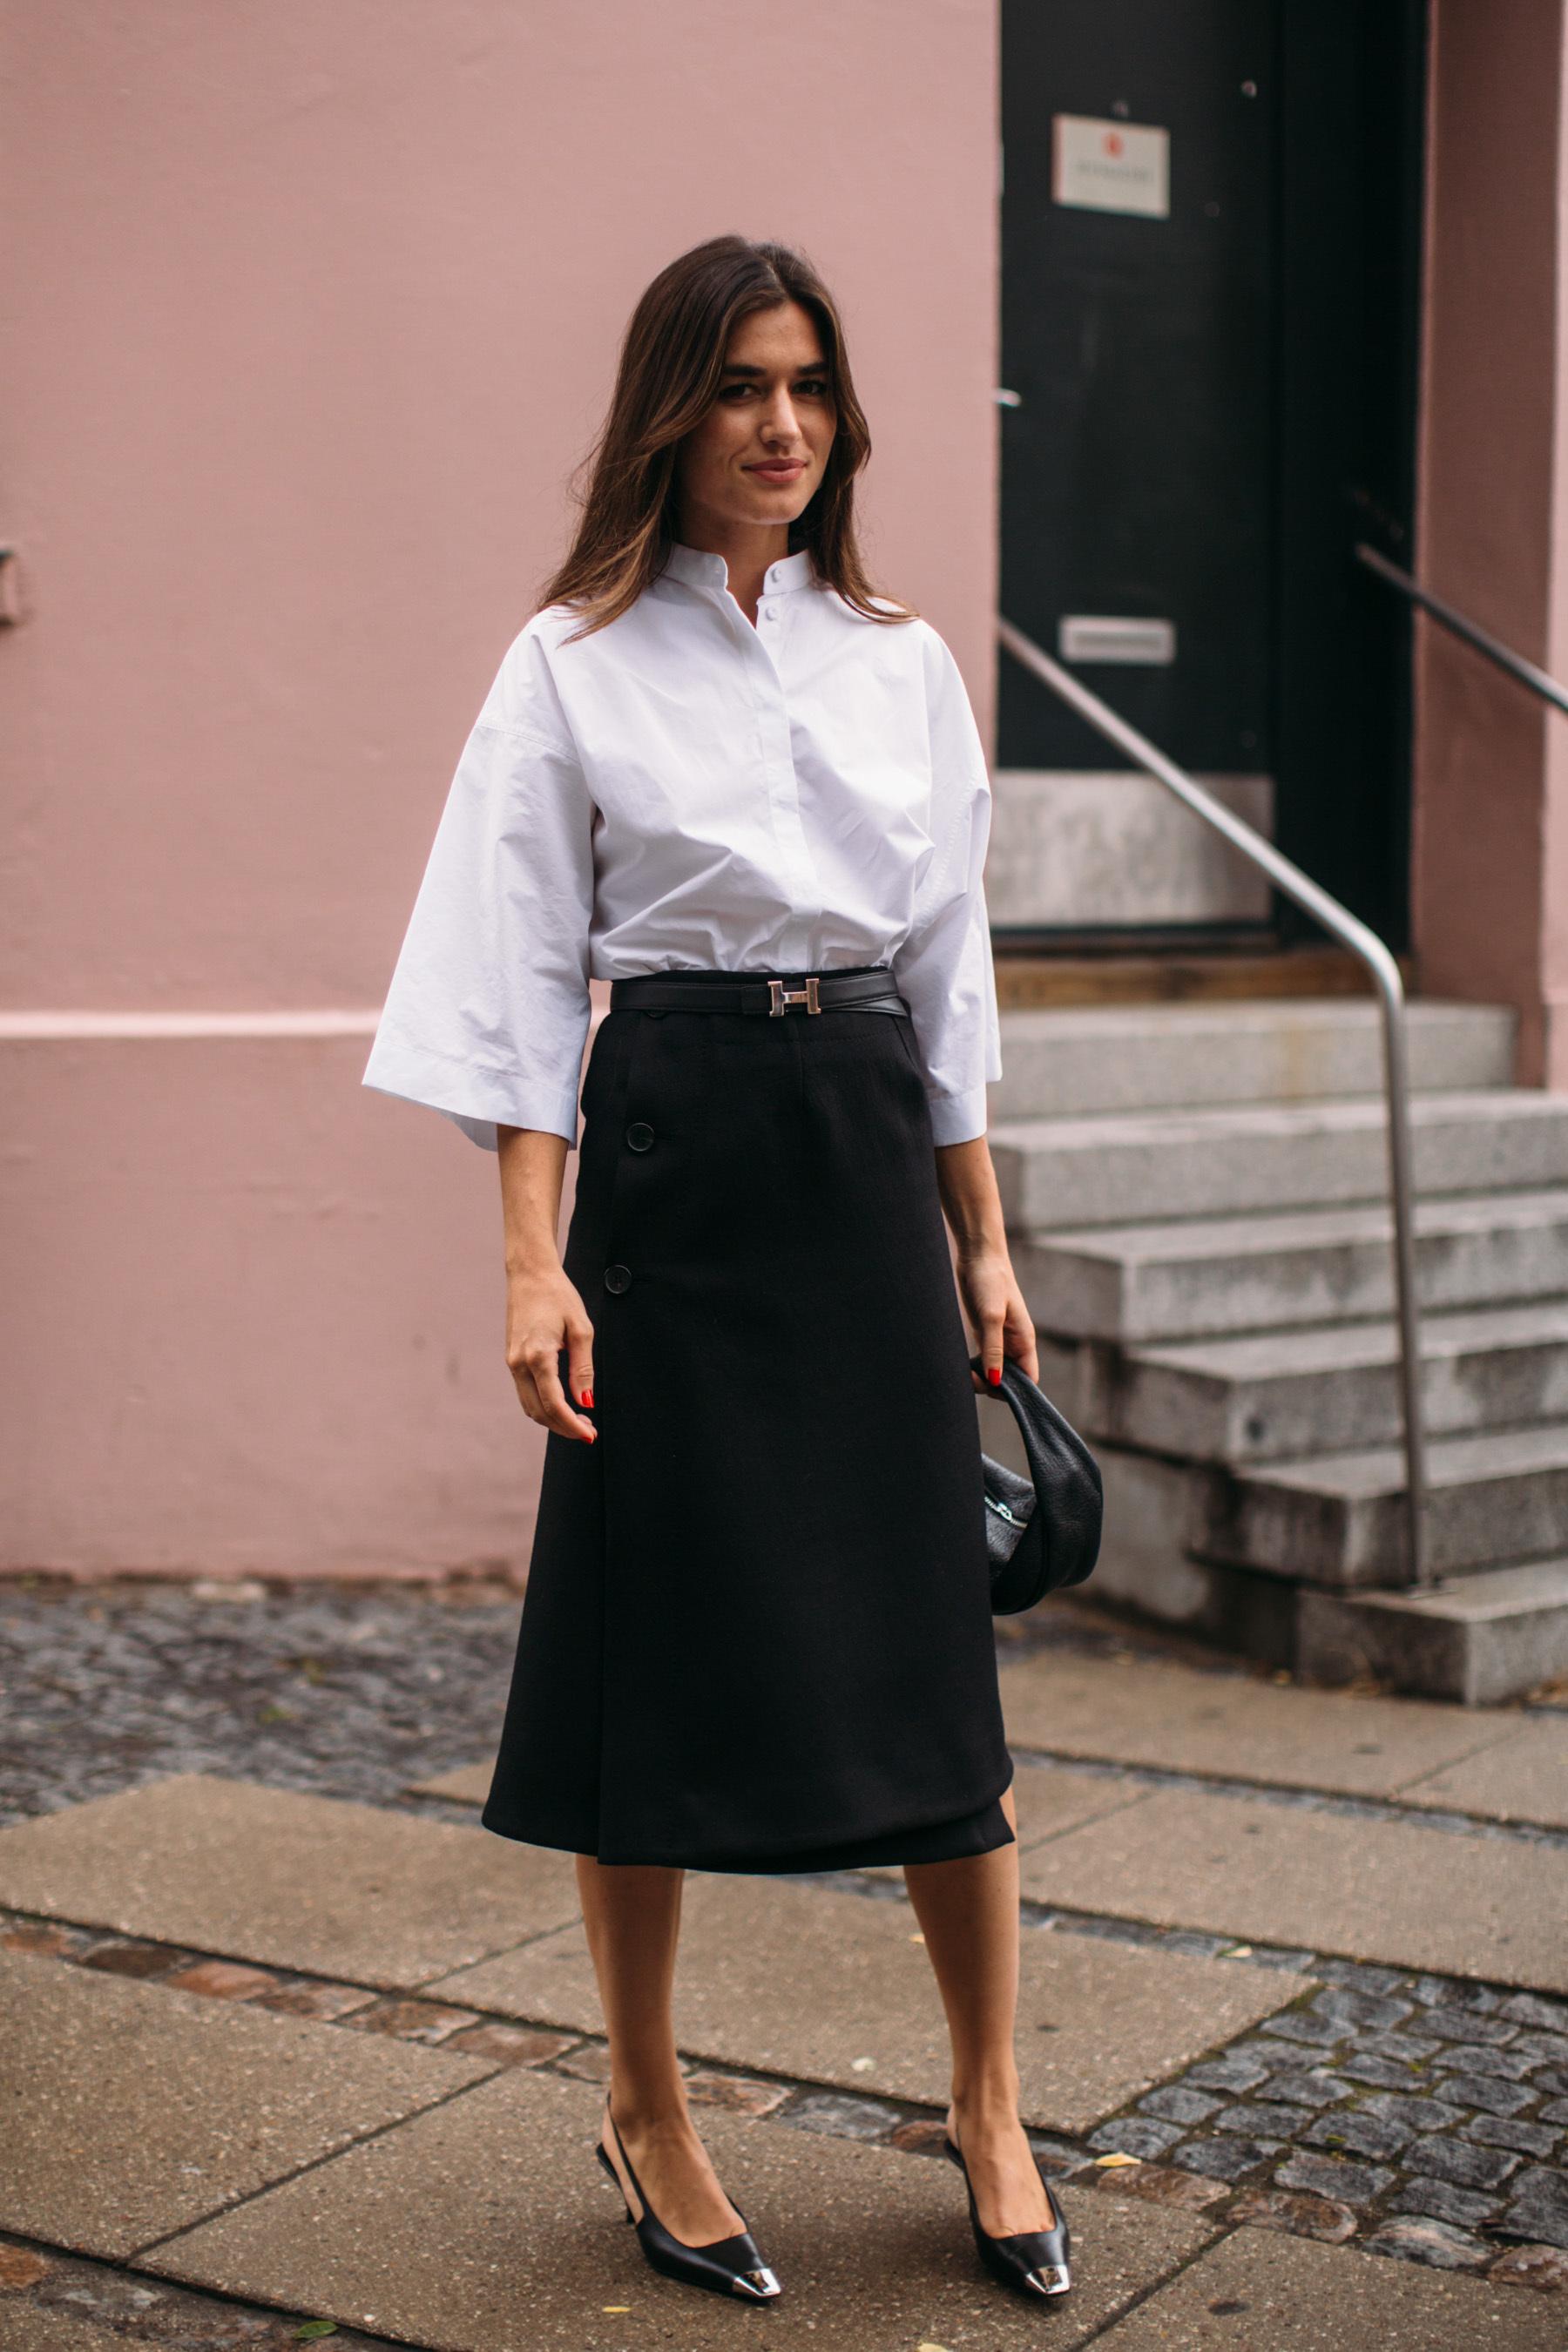 Camisa blanca y falda evasé negra.